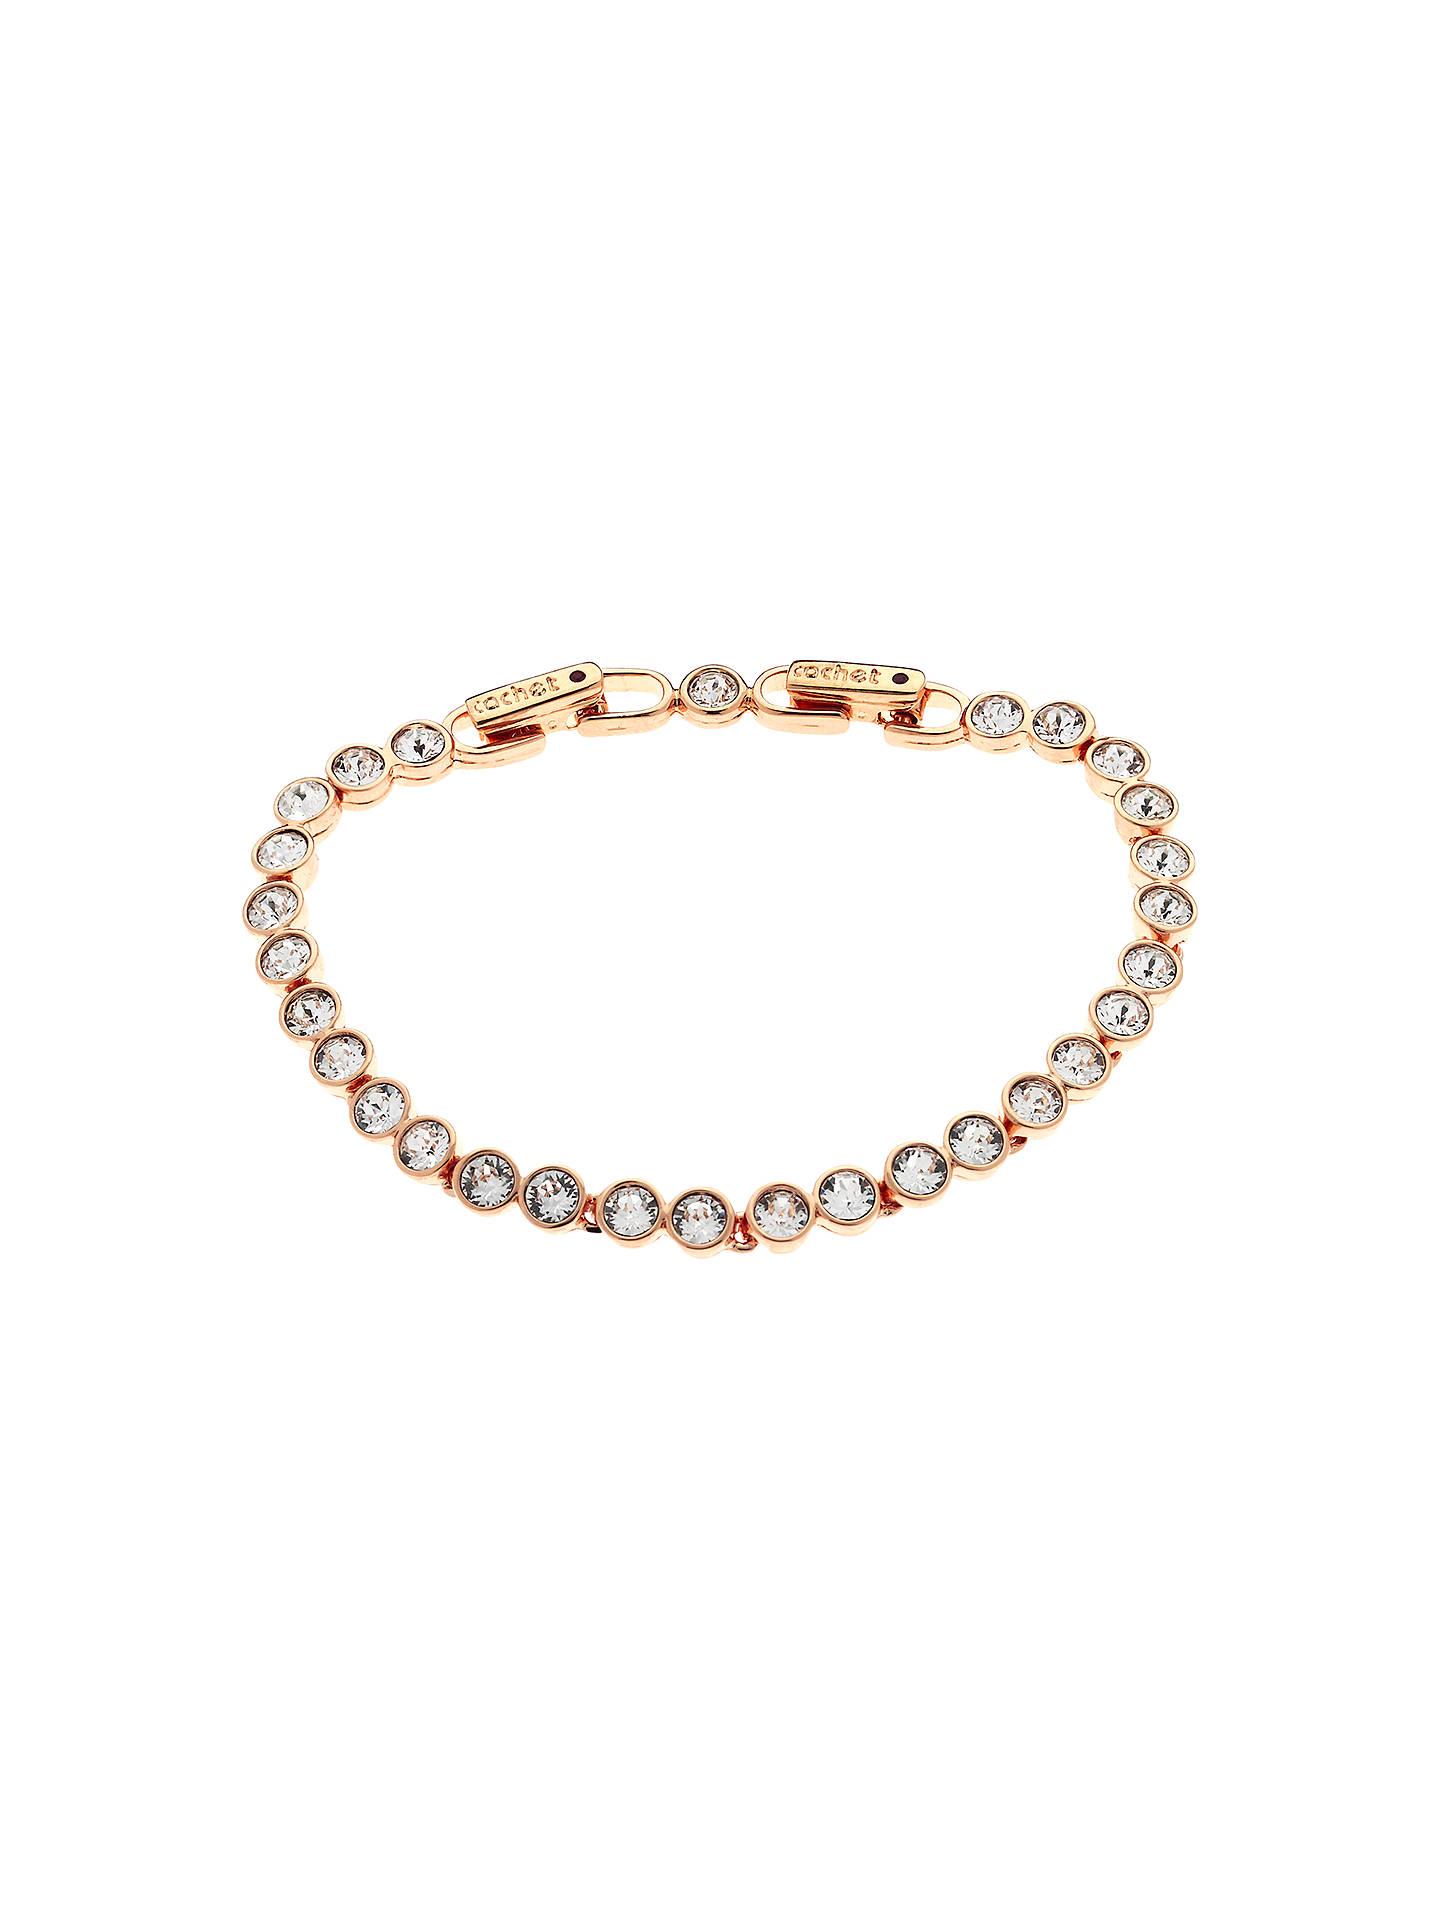 cachet swarovski crystal tennis bracelet at john lewis. Black Bedroom Furniture Sets. Home Design Ideas